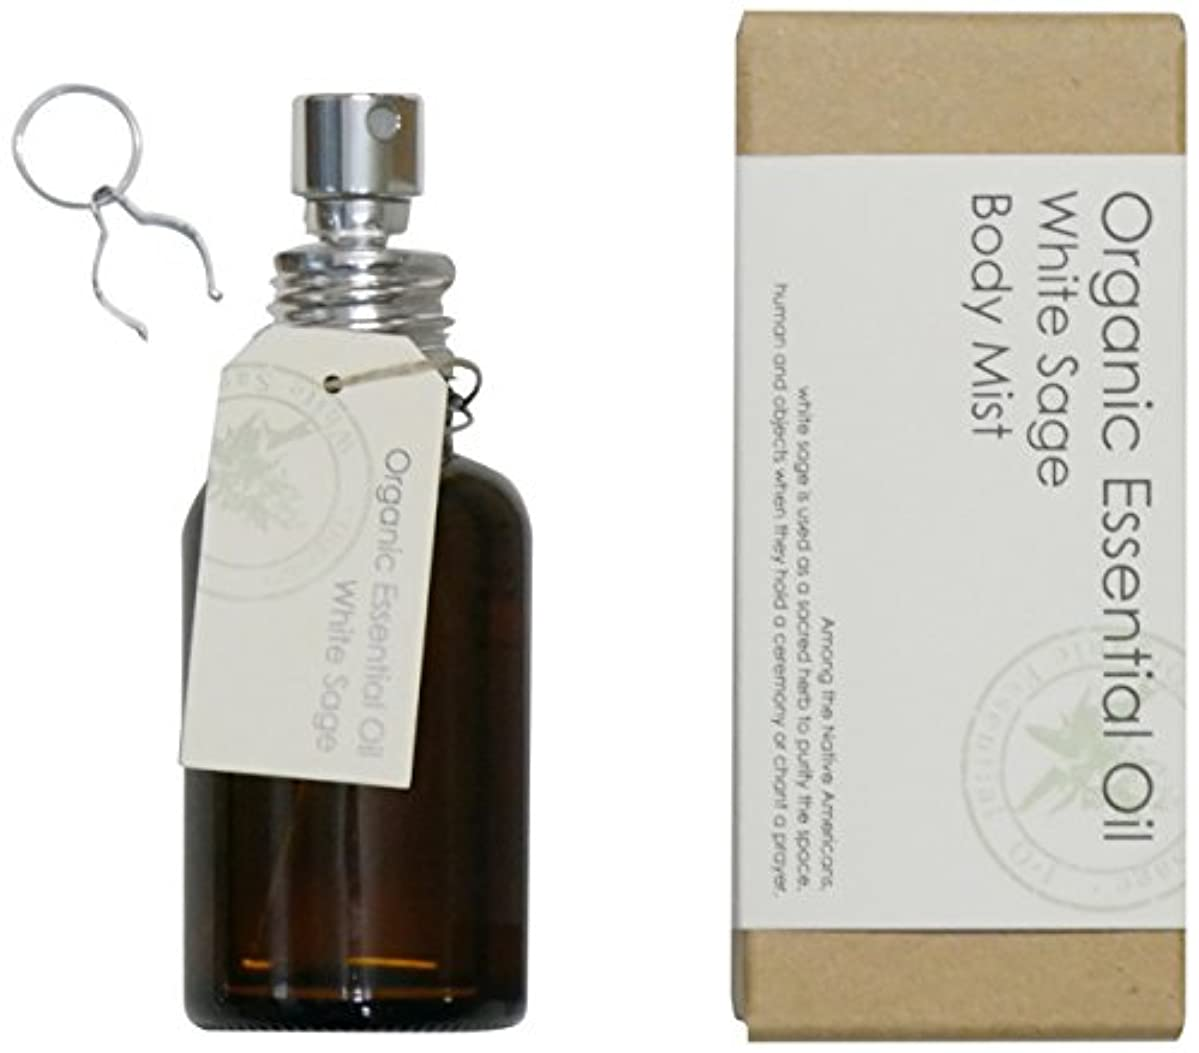 彼らのものティッシュ悲惨なアロマレコルト ボディミスト ホワイトセージ 【White Sage】オーガニック エッセンシャルオイル organic essential oil natural body mist arome recolte